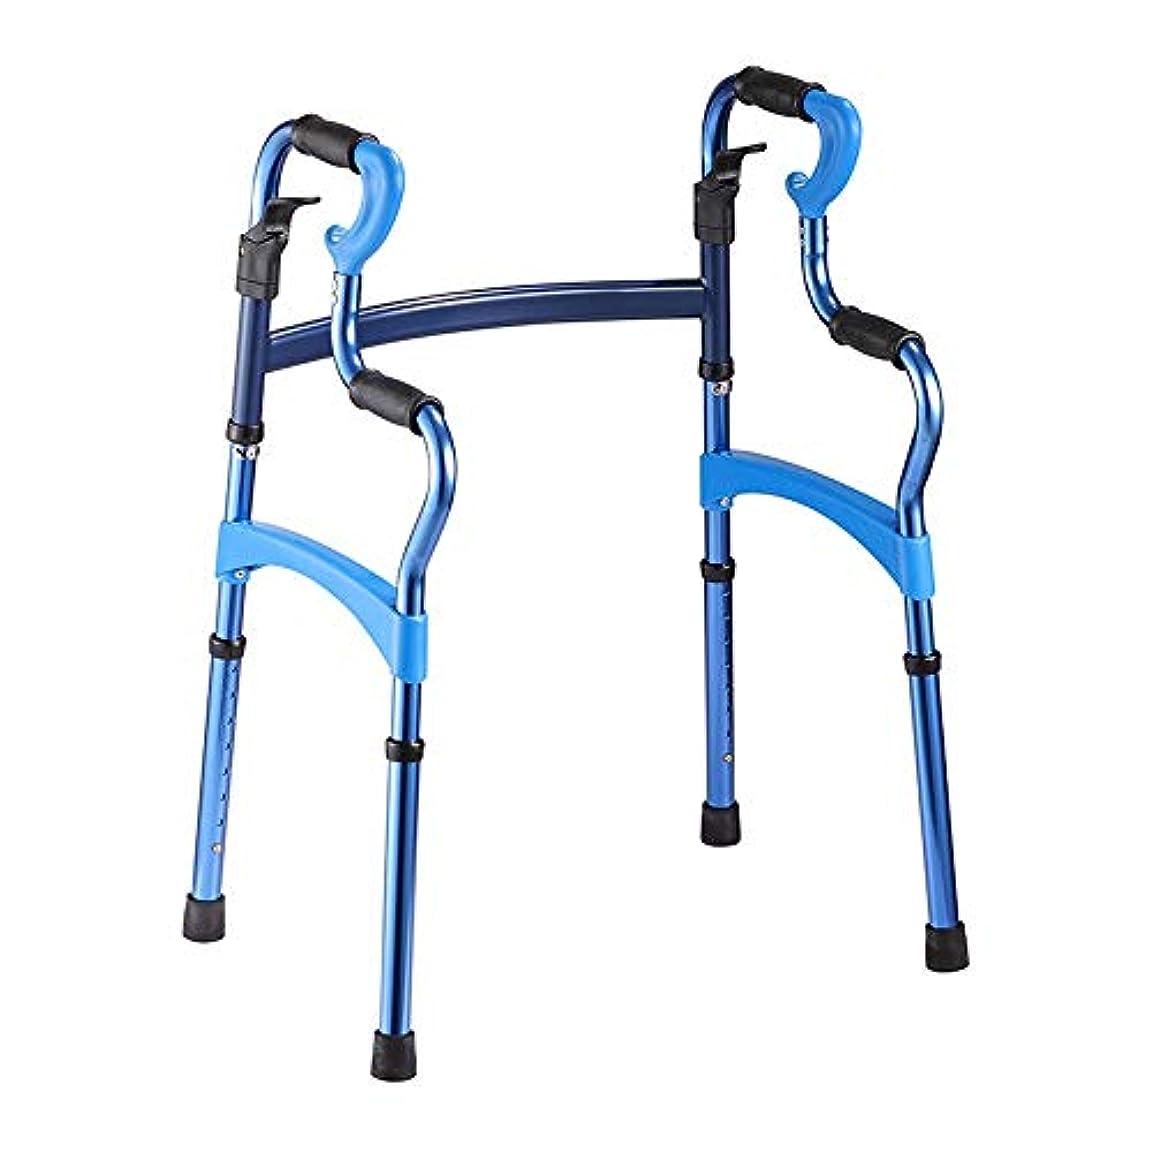 見出し雪だるまを作る規則性高齢者、障害者、障害者、または負傷者のための調整可能な折りたたみ歩行補助具、軽量で調整可能な移動補助具